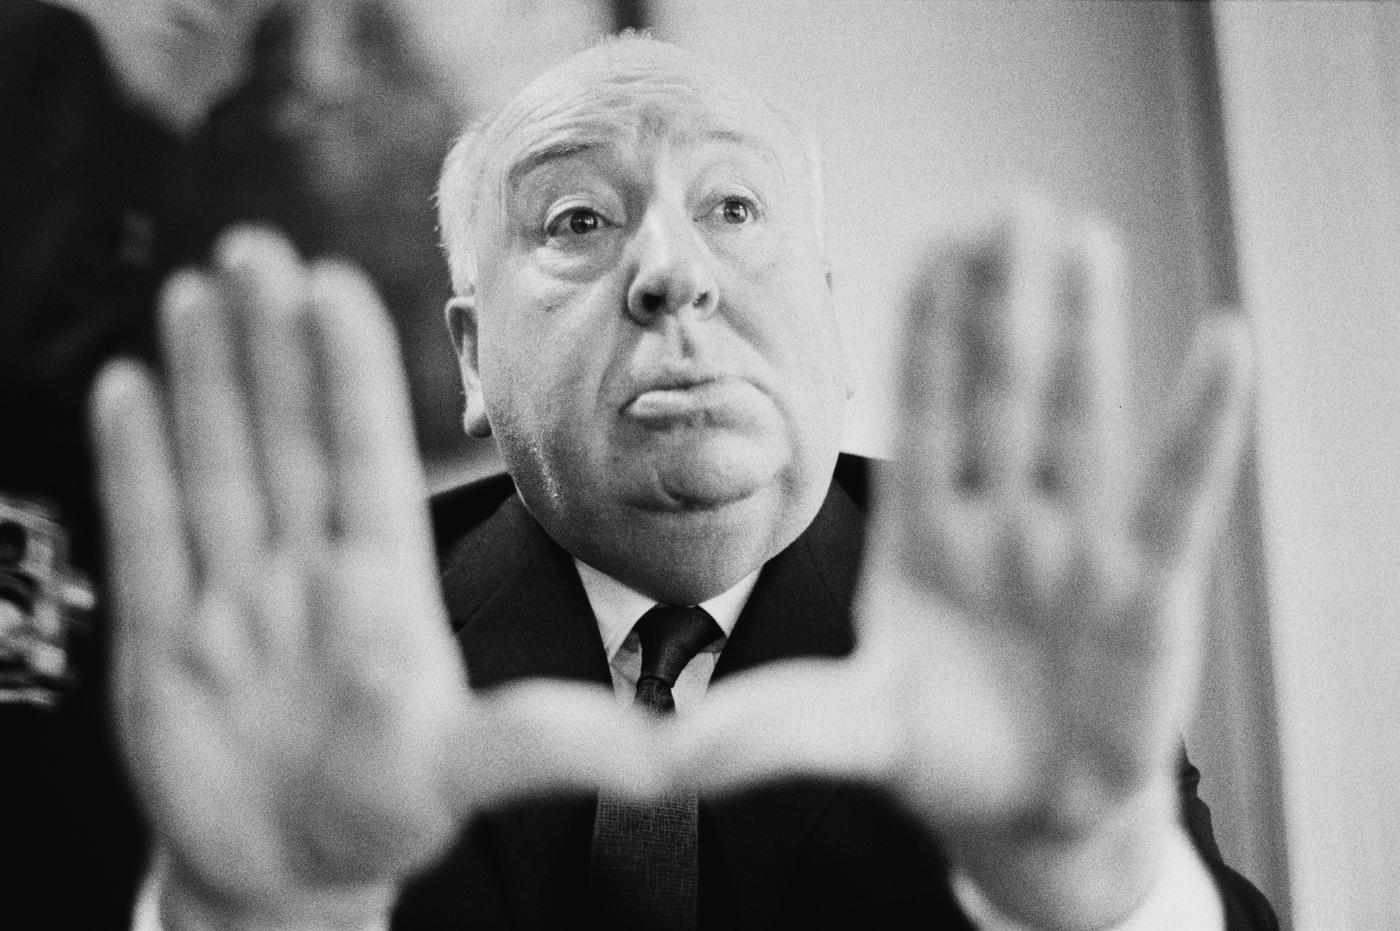 Huyền thoại Alfred Hitchcock bị tố cáo xâm hại tình dục